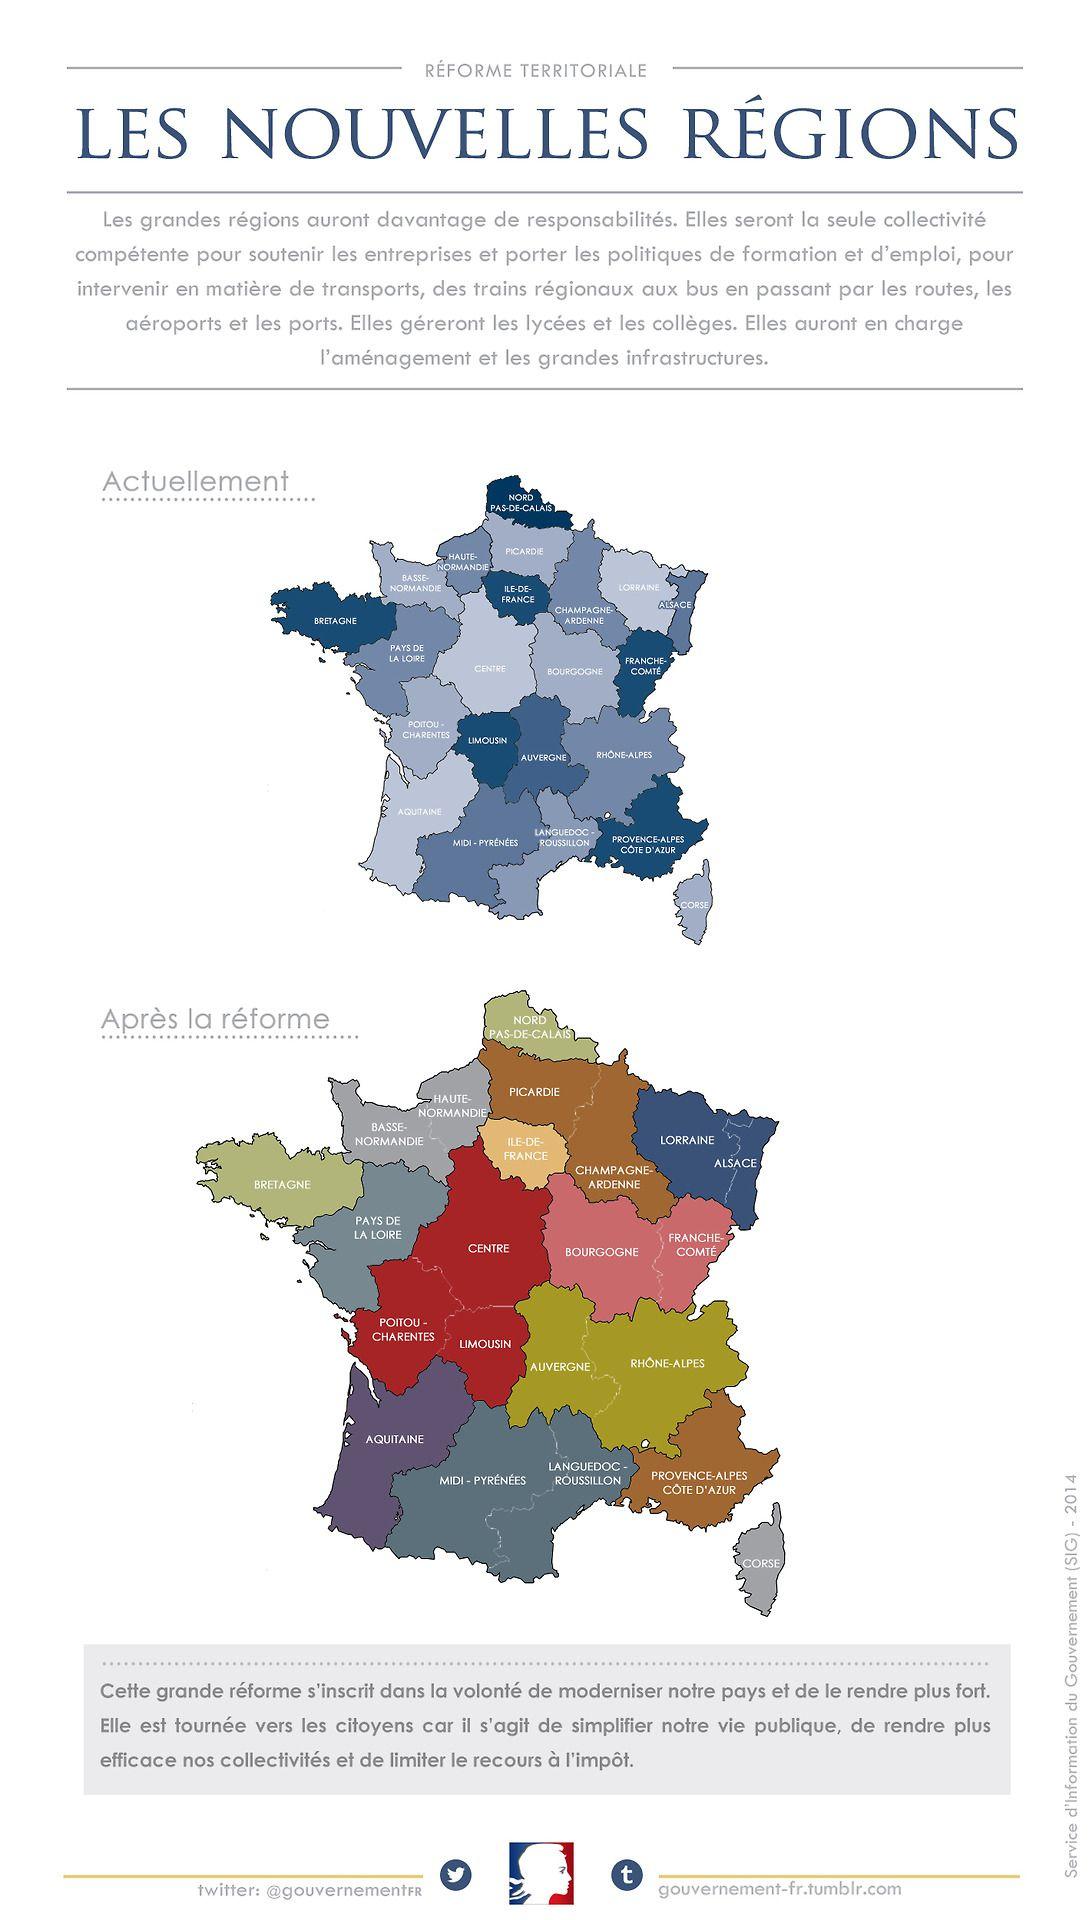 La Nouvelle Carte Des Régions De La France Métropolitaine destiné Nouvelle Carte Des Régions De France